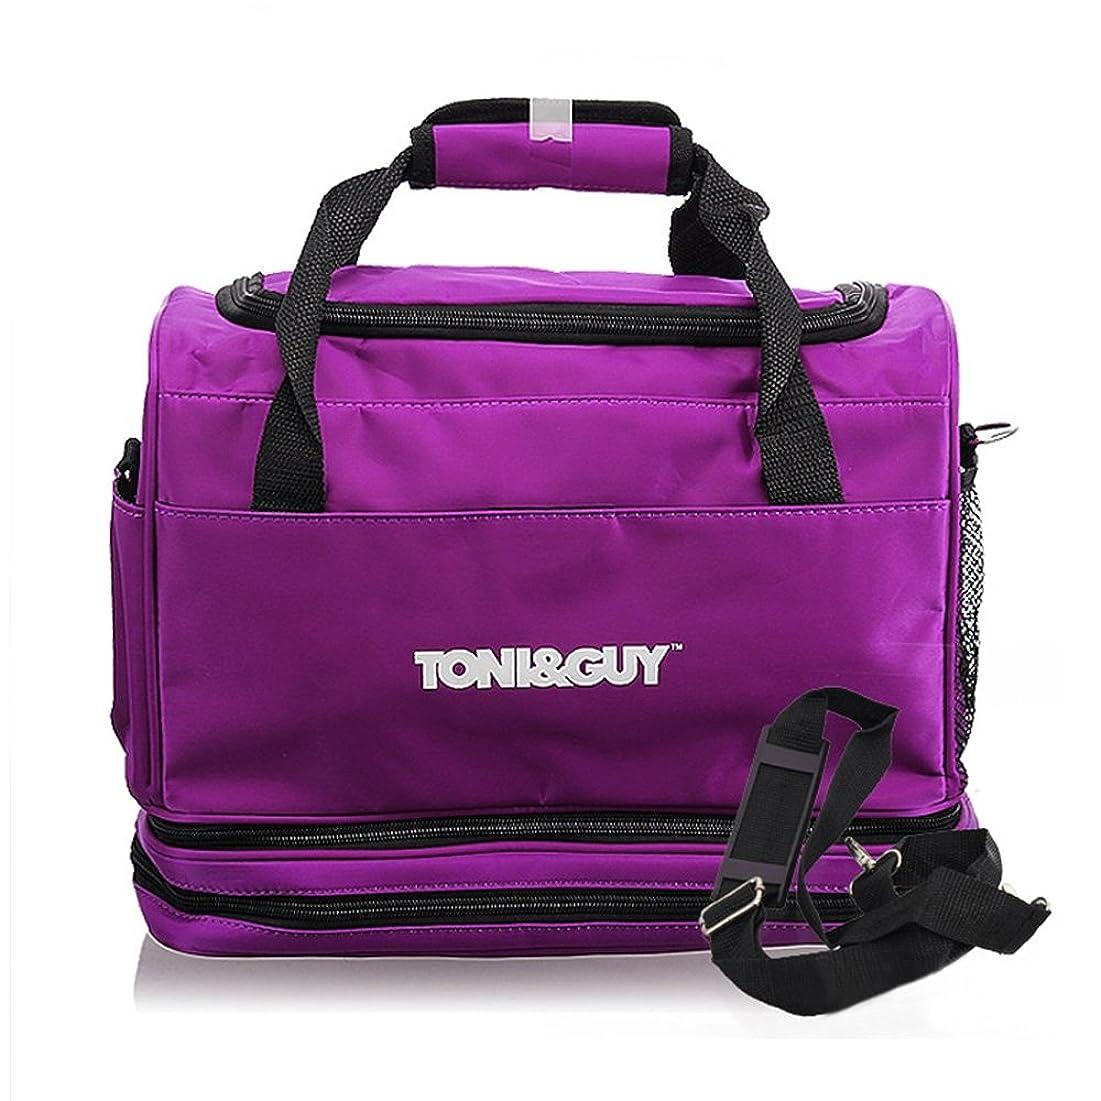 博物館インサートエキゾチック美容師 シザーバッグ Hair Tools Bag Hairdressing Carry Case 脱着 ストラップ Hair Tools Organizer Bag for Hairdressers 【ヘアツール バッグ】並行輸入